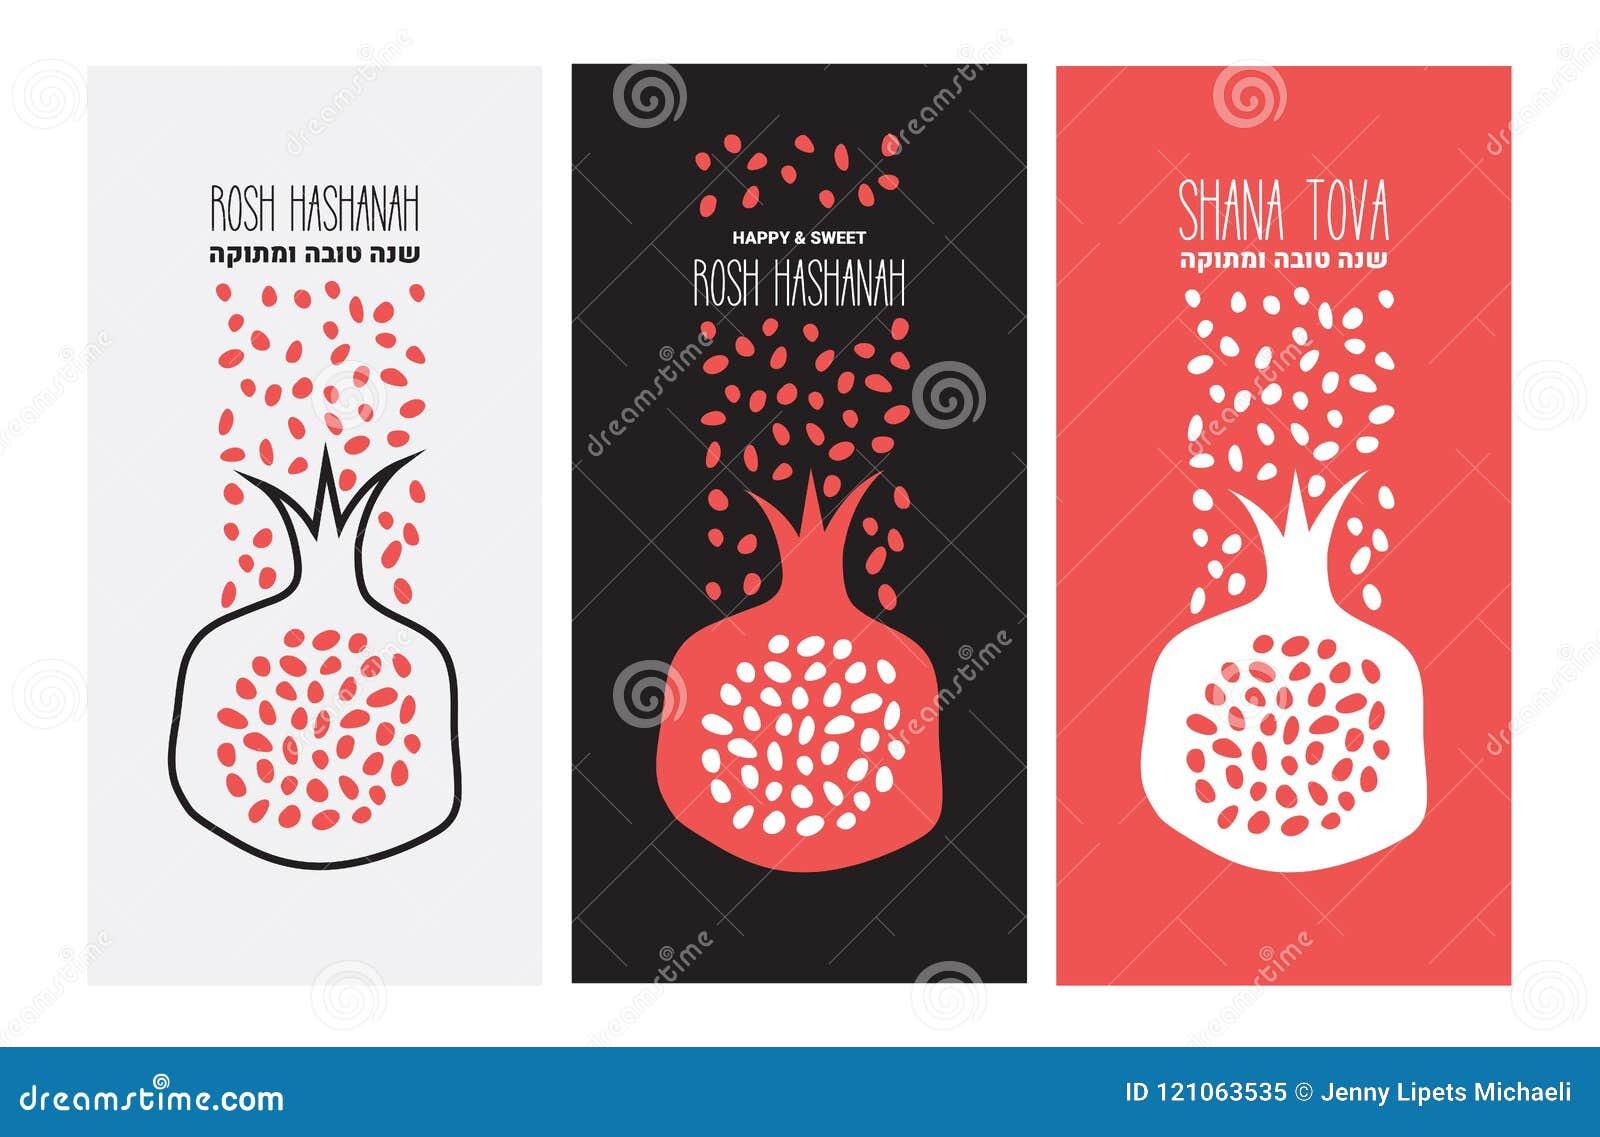 Sistema de TARJETA de SHANA TOVA, tarjeta de felicitación de Rosh Hashanah, con símbolo hliday, una granada Año Nuevo judío Vecto